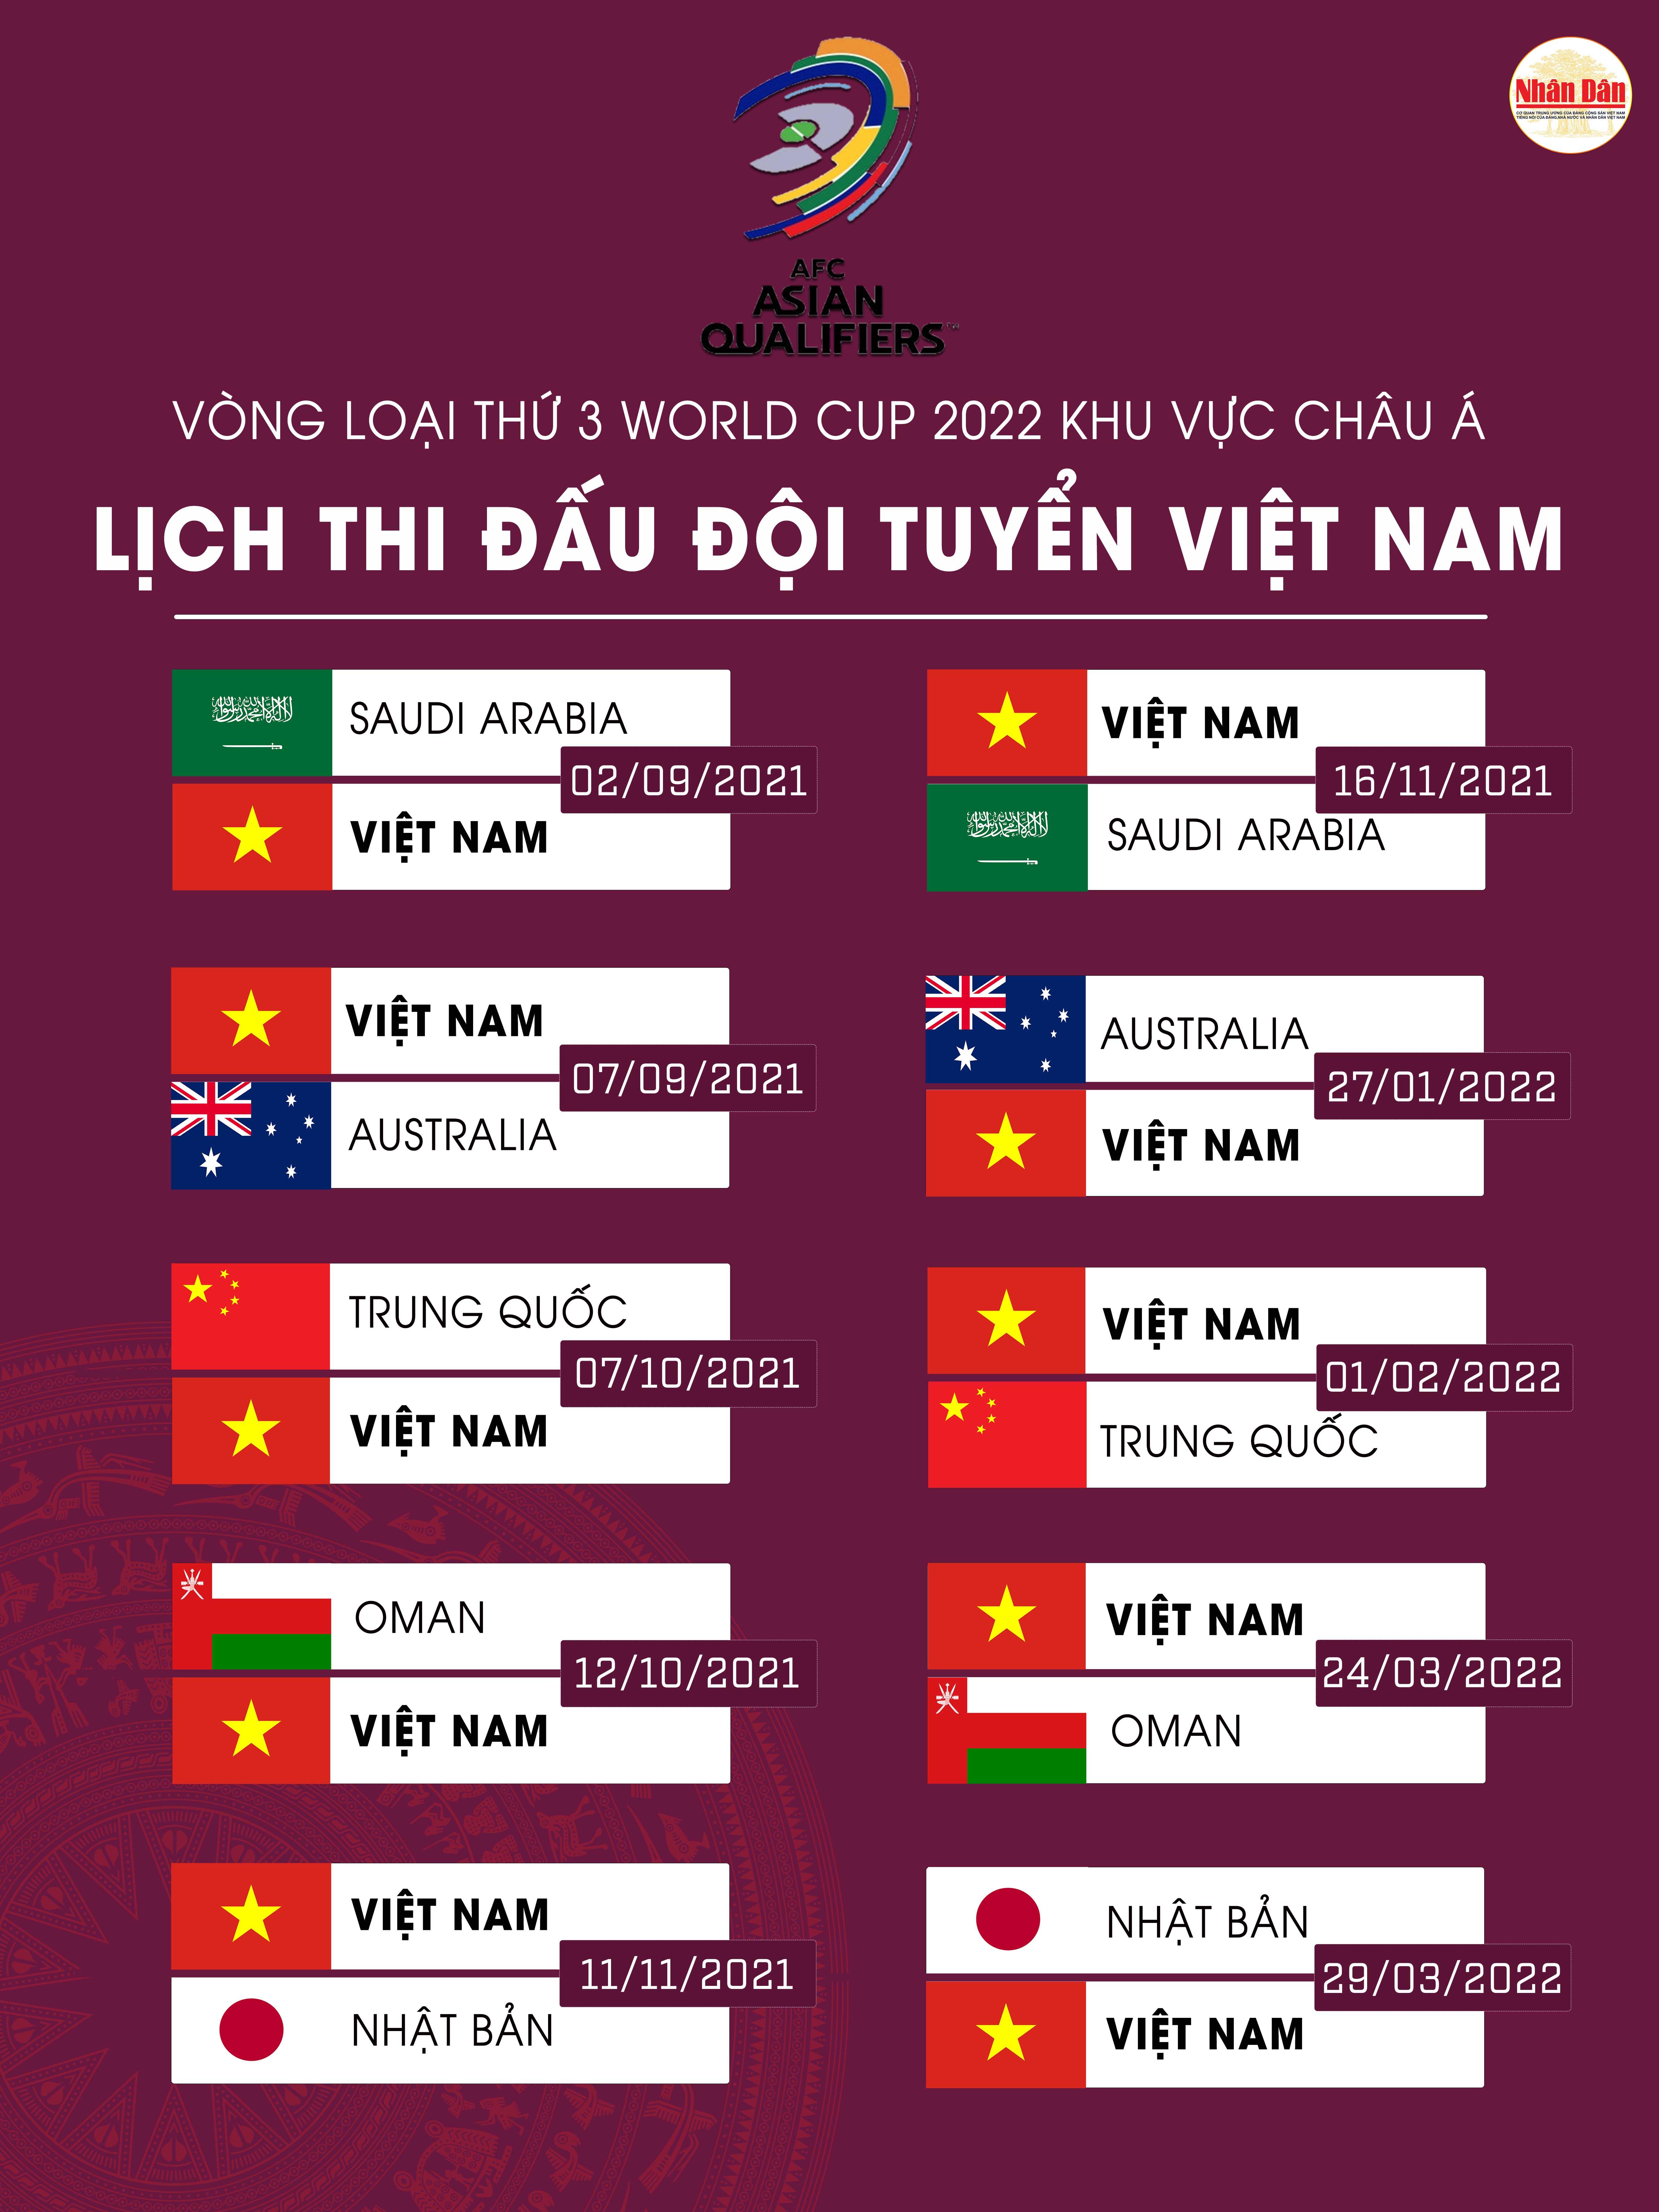 Đội tuyển Việt Nam hội quân trở lại, chuẩn bị cho Vòng loại cuối World Cup -0